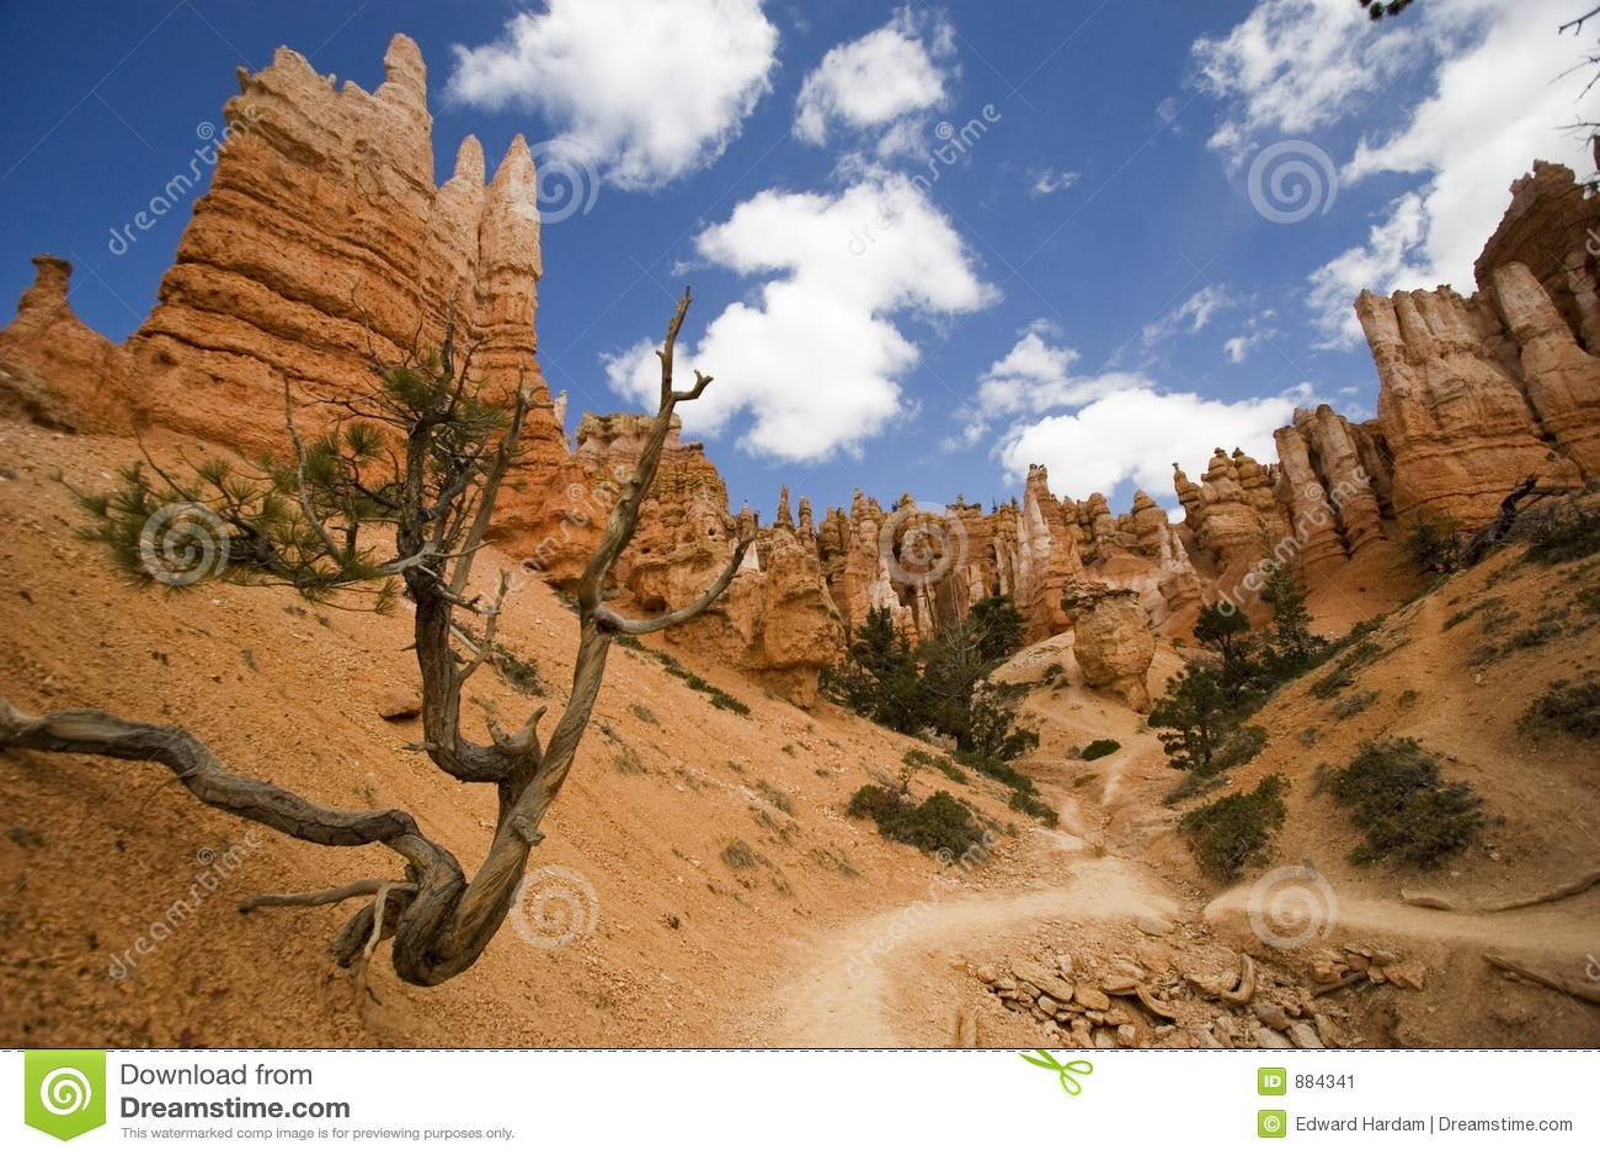 Bryce canyon toru